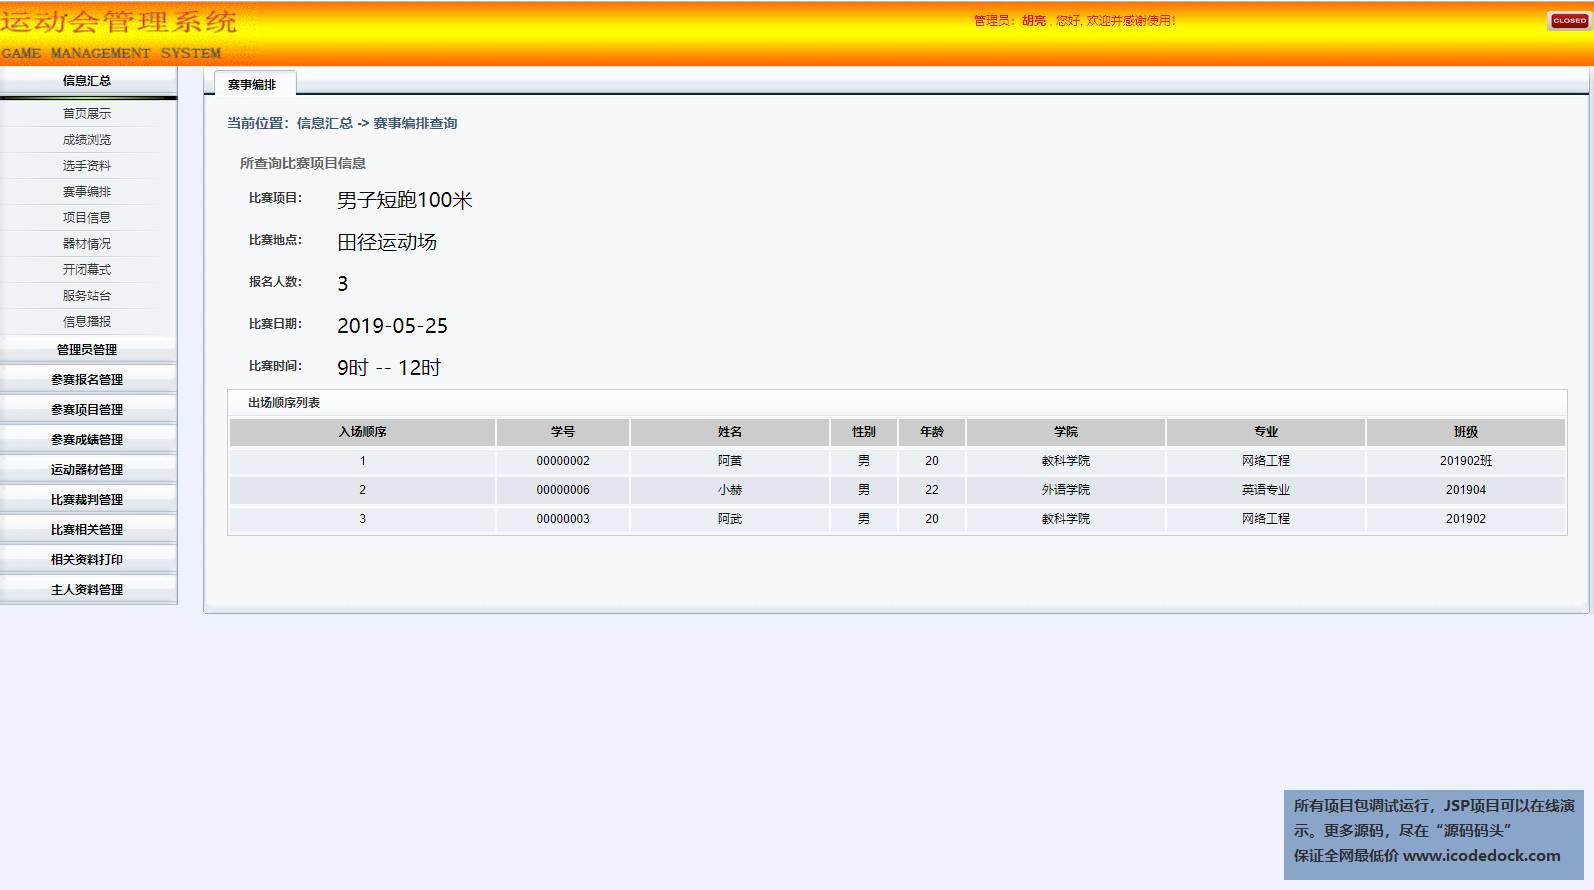 源码码头-SSH校园运动会管理系统-管理员界面-赛事安排